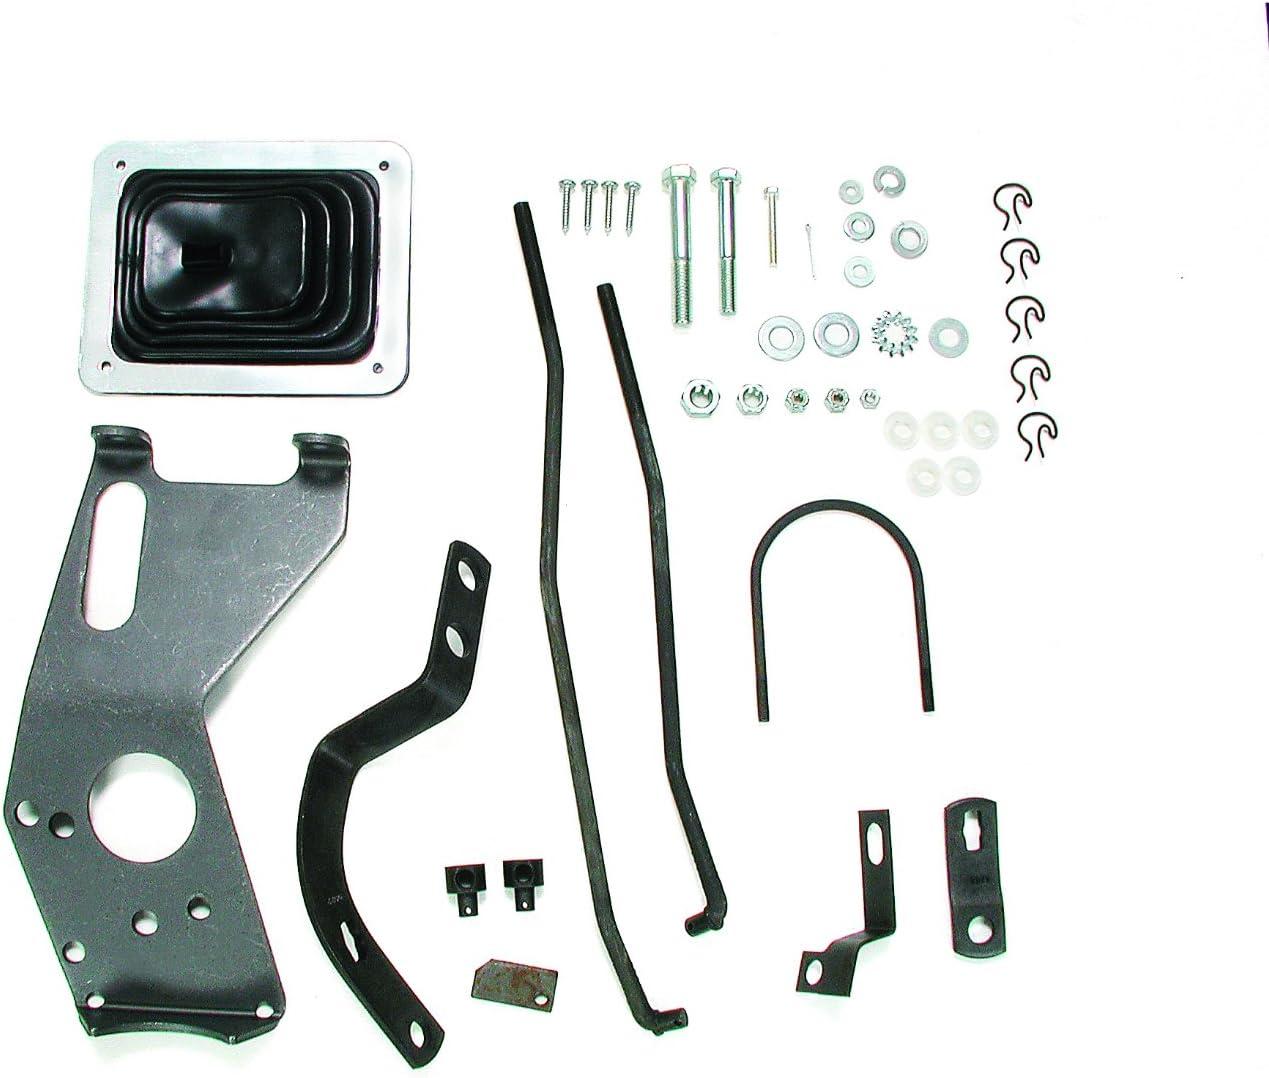 Hurst 3670010 Mastershift 3-Speed Manual Shifter Installation Kit